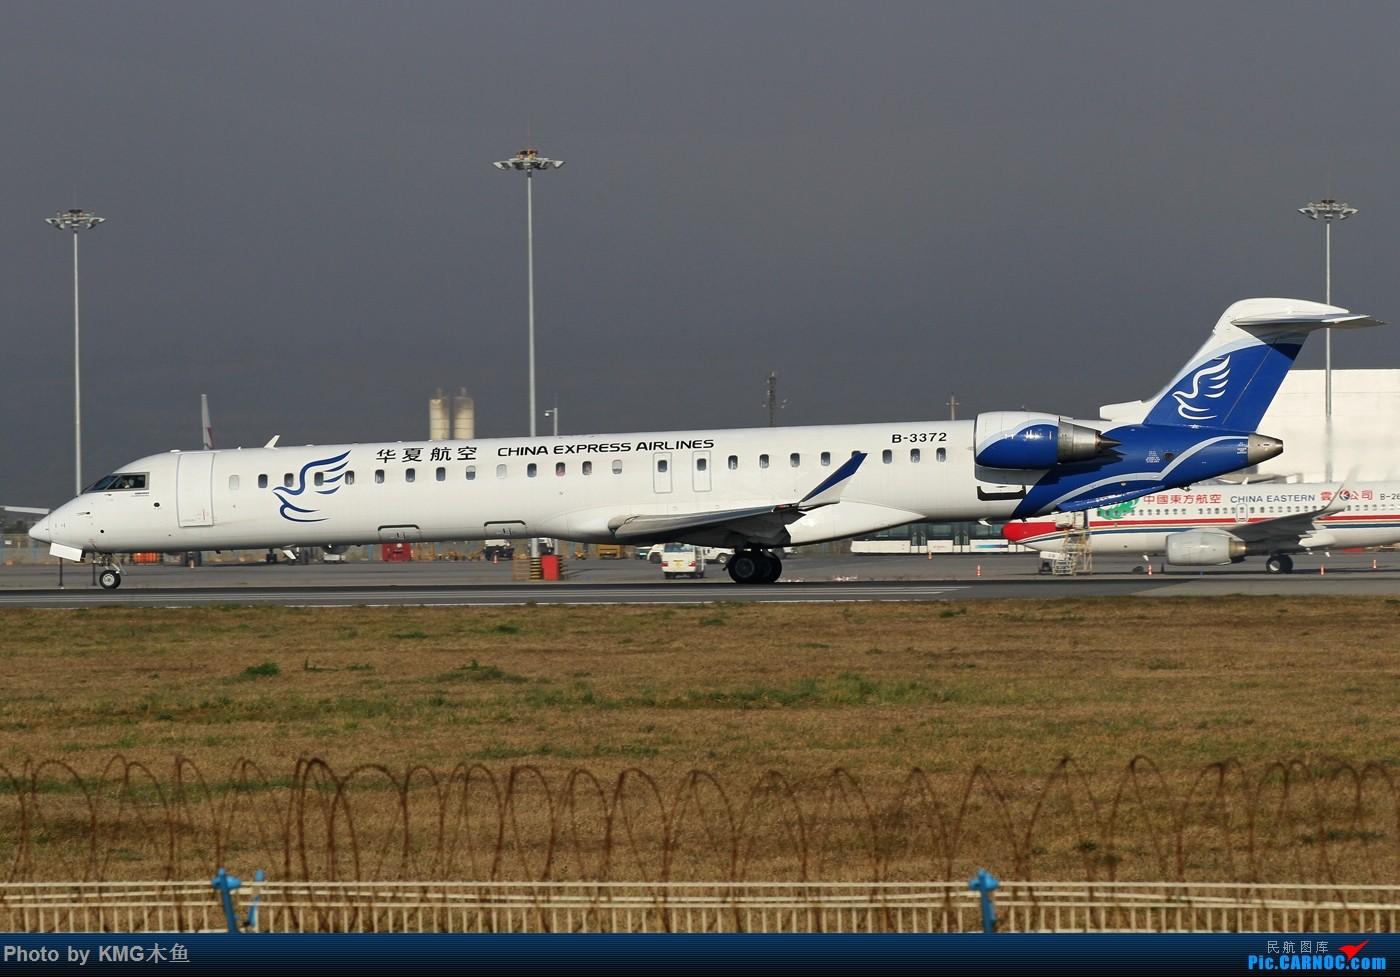 Re:[原创]【KMG昆明长水国际机场】好天气,拍到了好灰机,愉快的一天 BOMBARDIER CRJ900NG B-3372 中国昆明长水国际机场